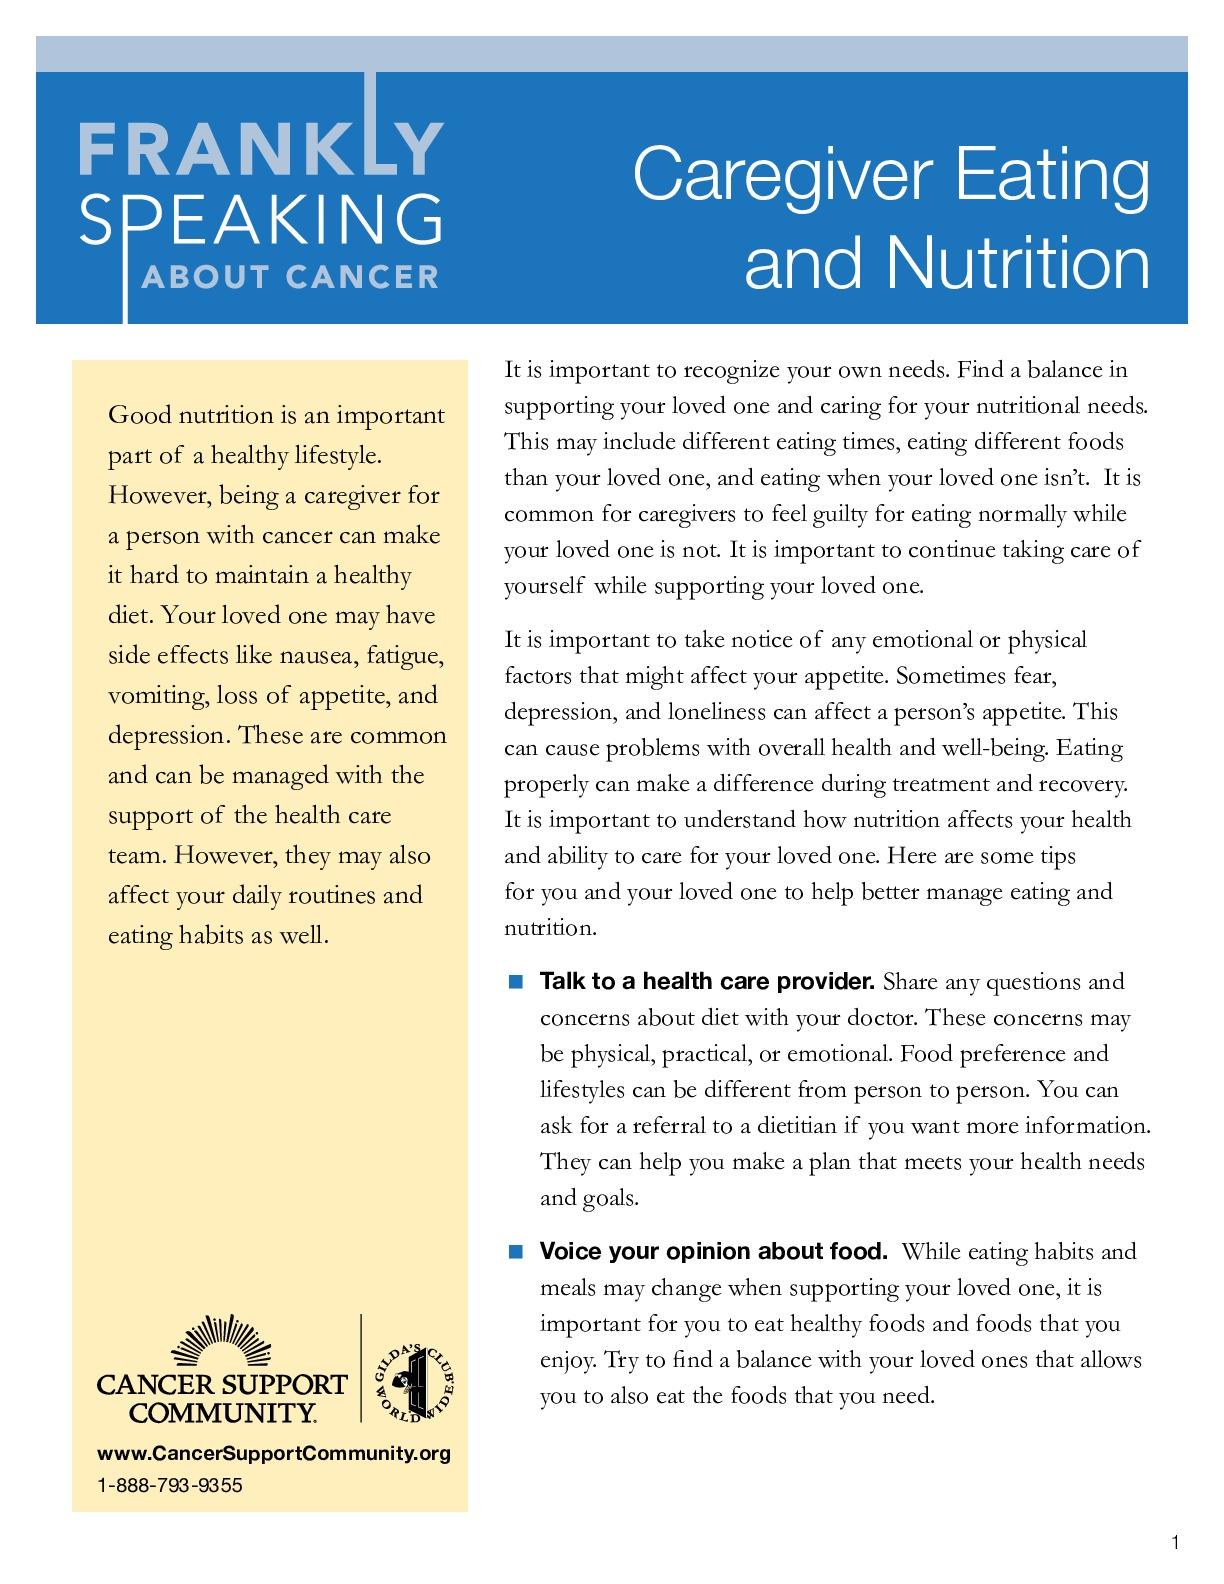 Caregiver Eating Nutrition